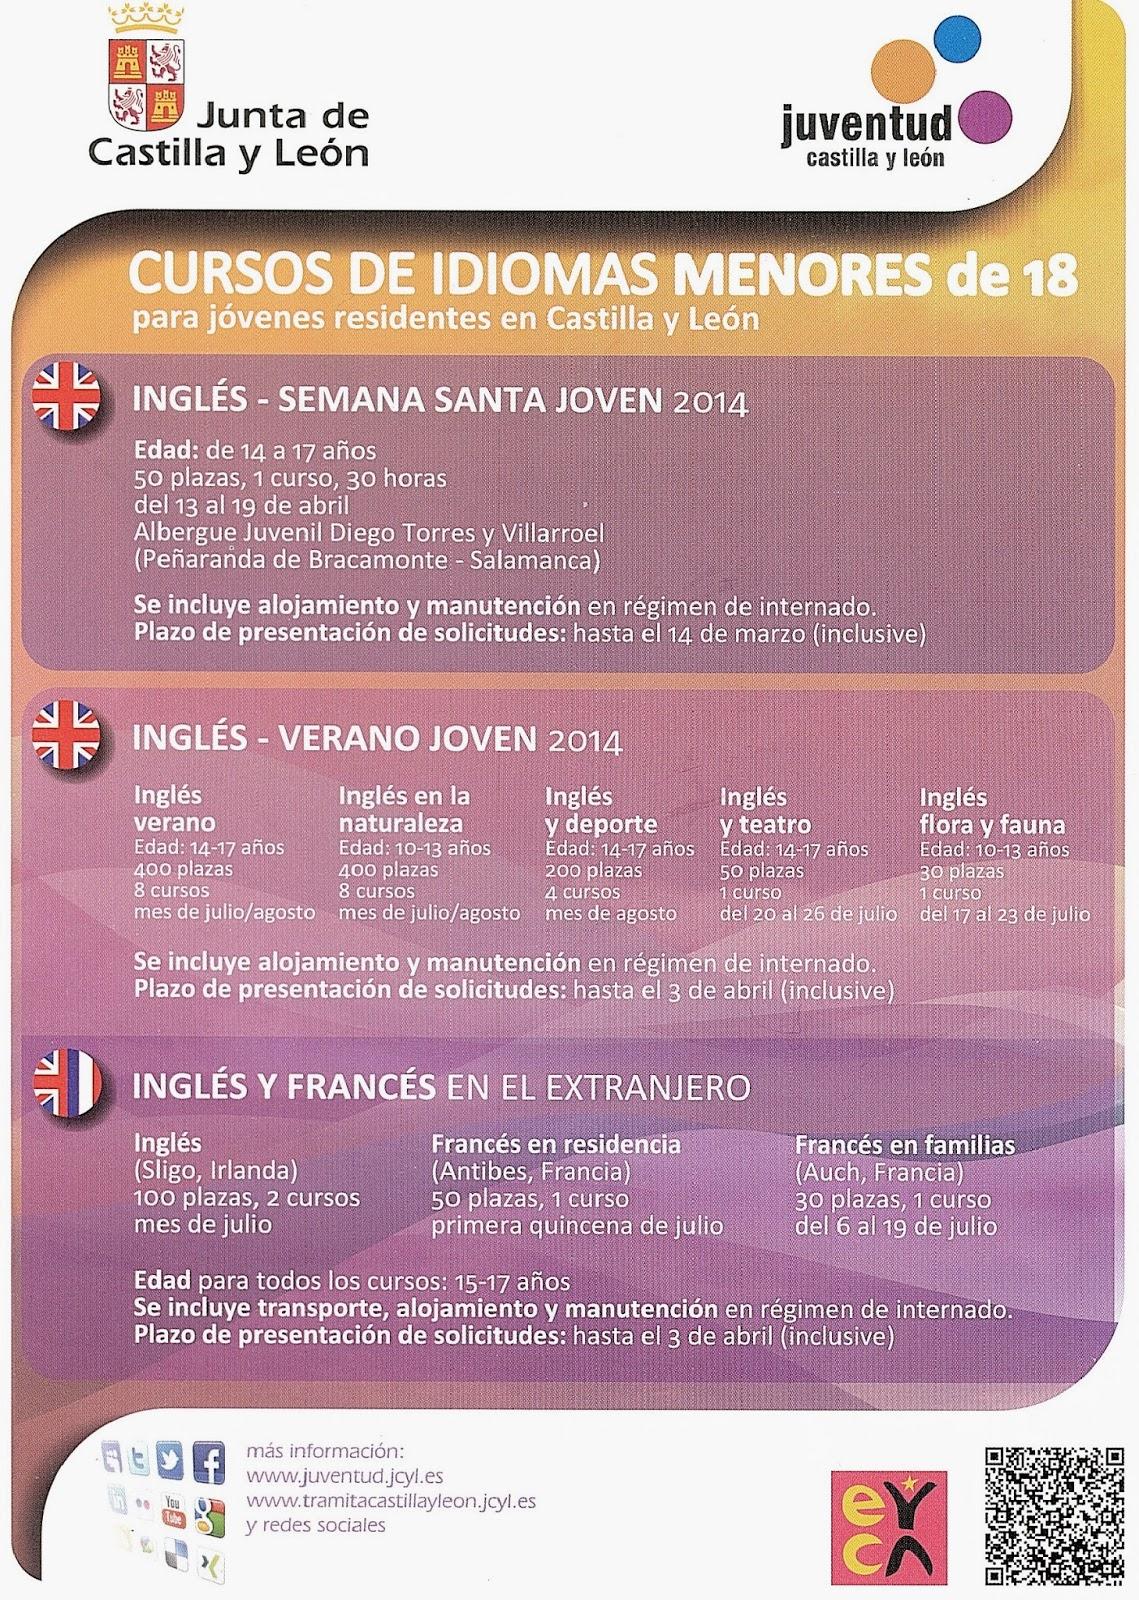 http://www.juventud.jcyl.es/web/jcyl/Juventud/es/Plantilla100Detalle/1284224580551/_/1284304780929/Comunicacion?plantillaObligatoria=PlantillaContenidoNoticiaHome